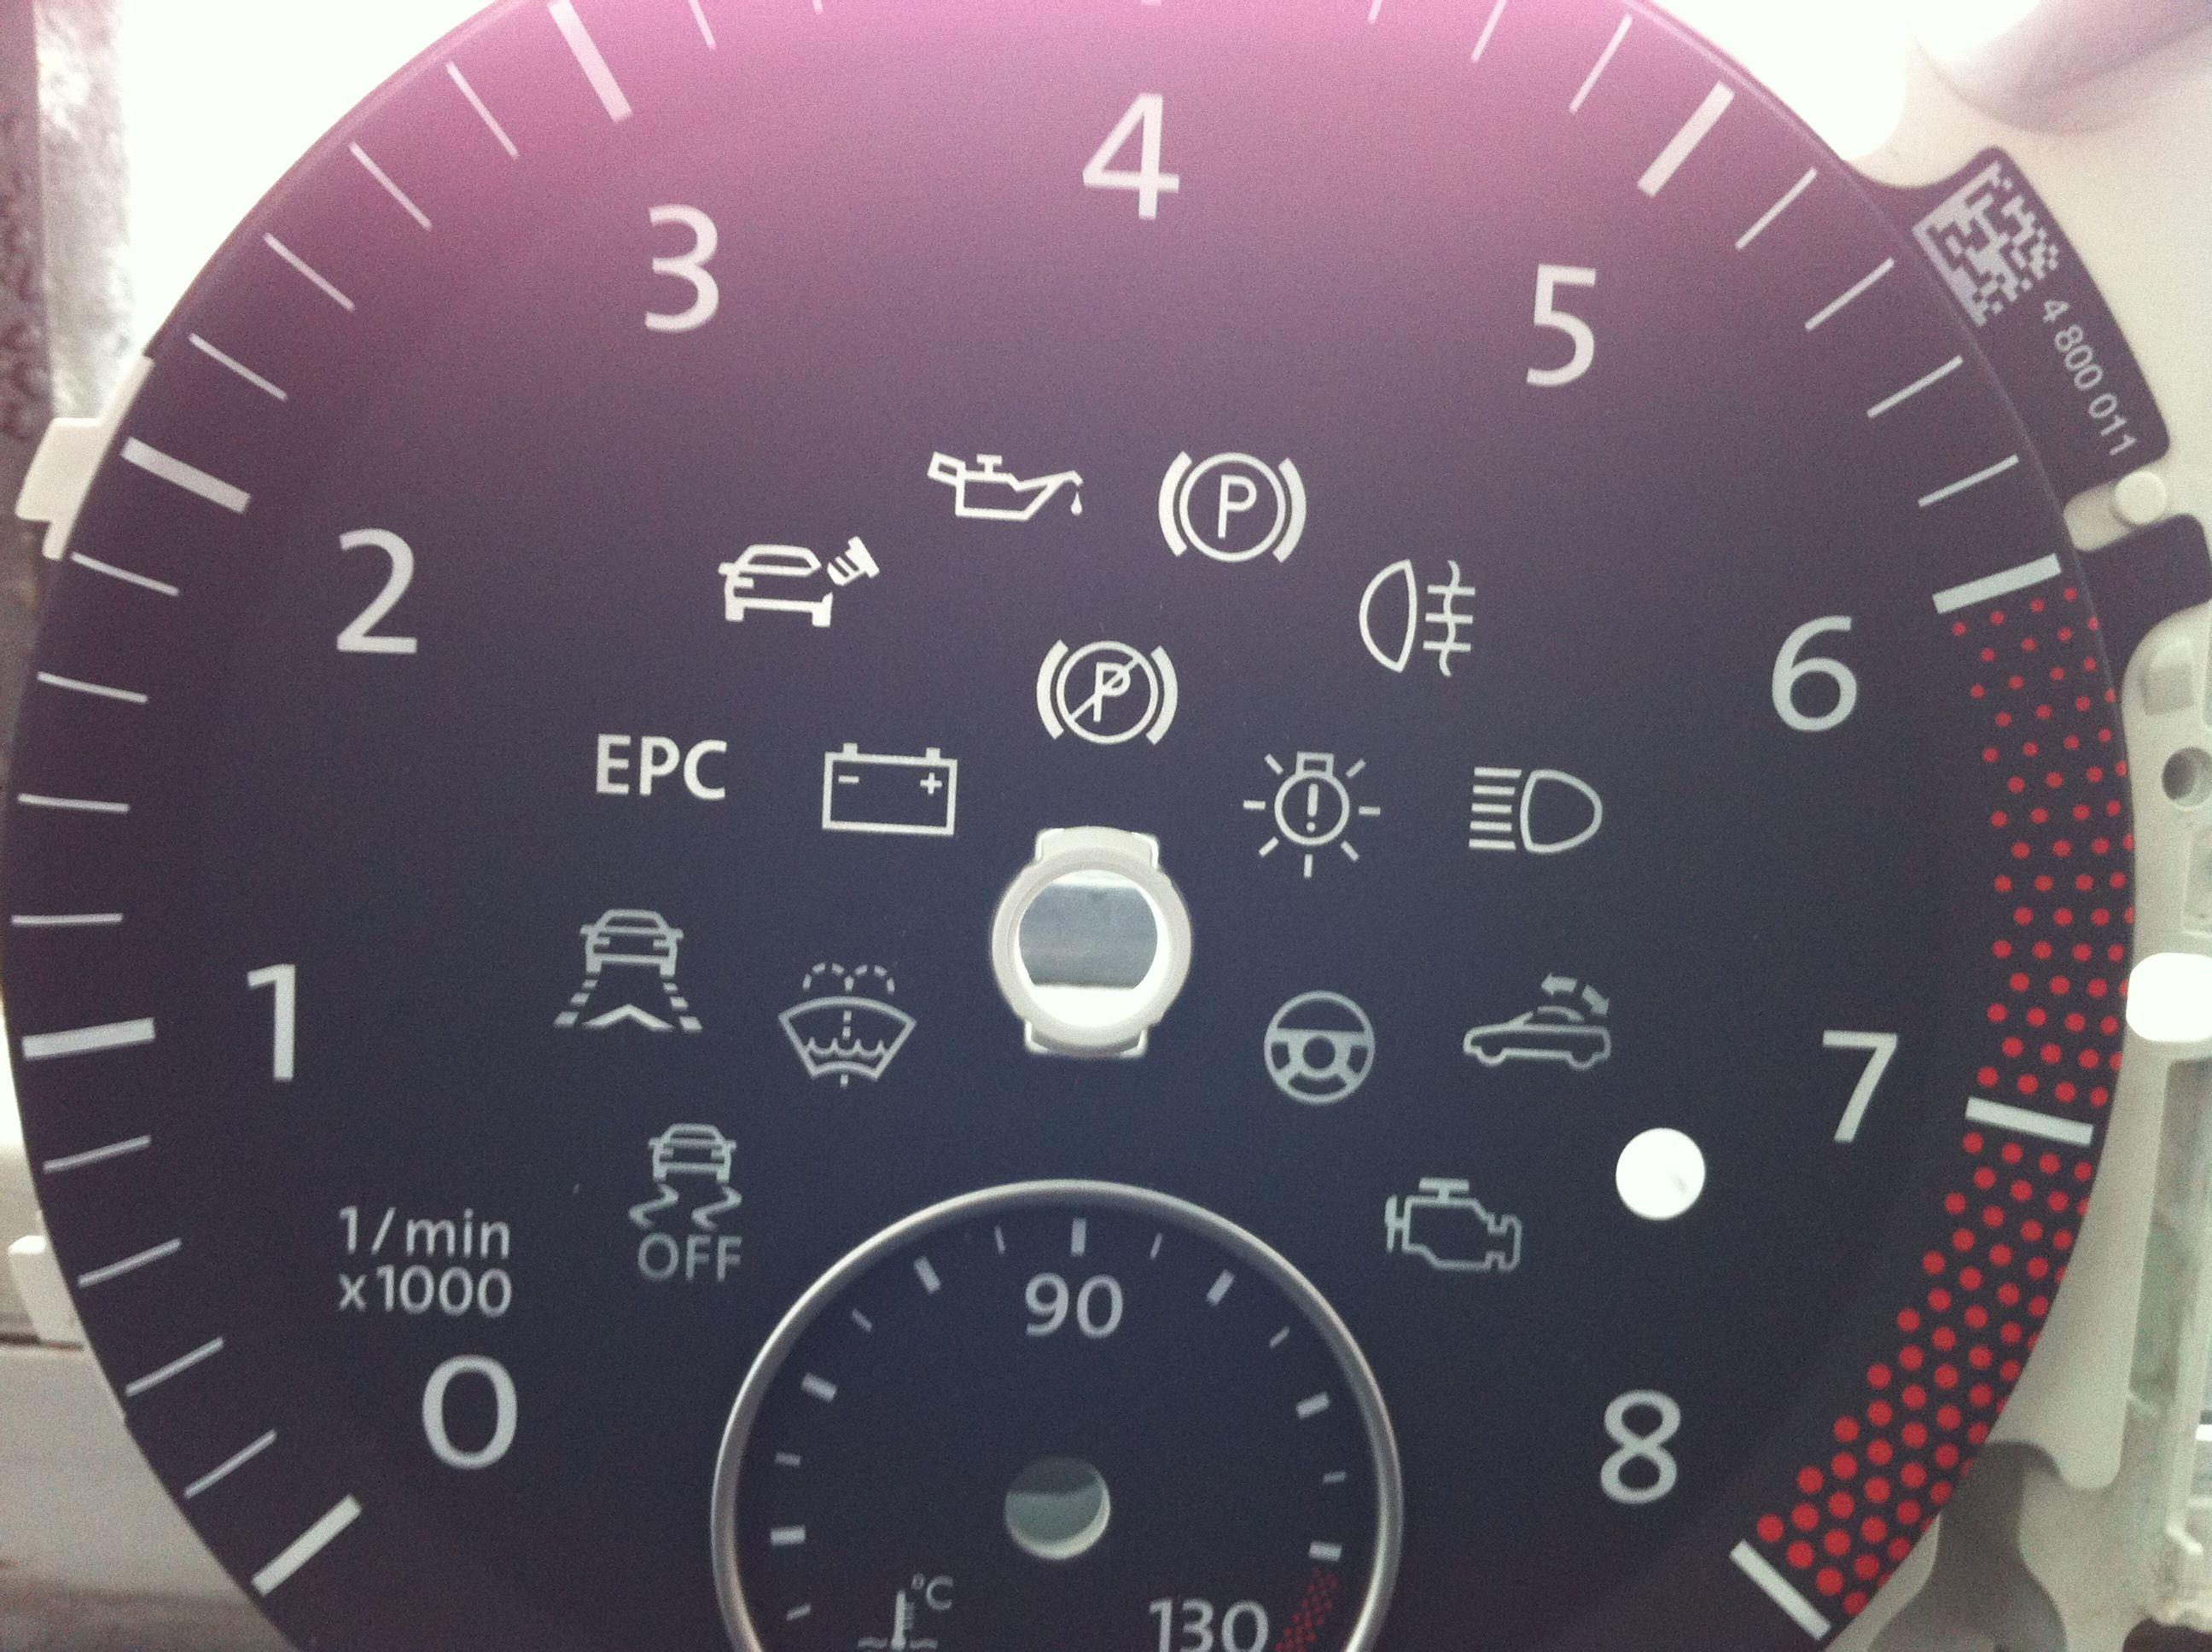 帕萨特仪表盘上有个半圆的红色指示灯 ,和亮度调节那灯模样差不多.